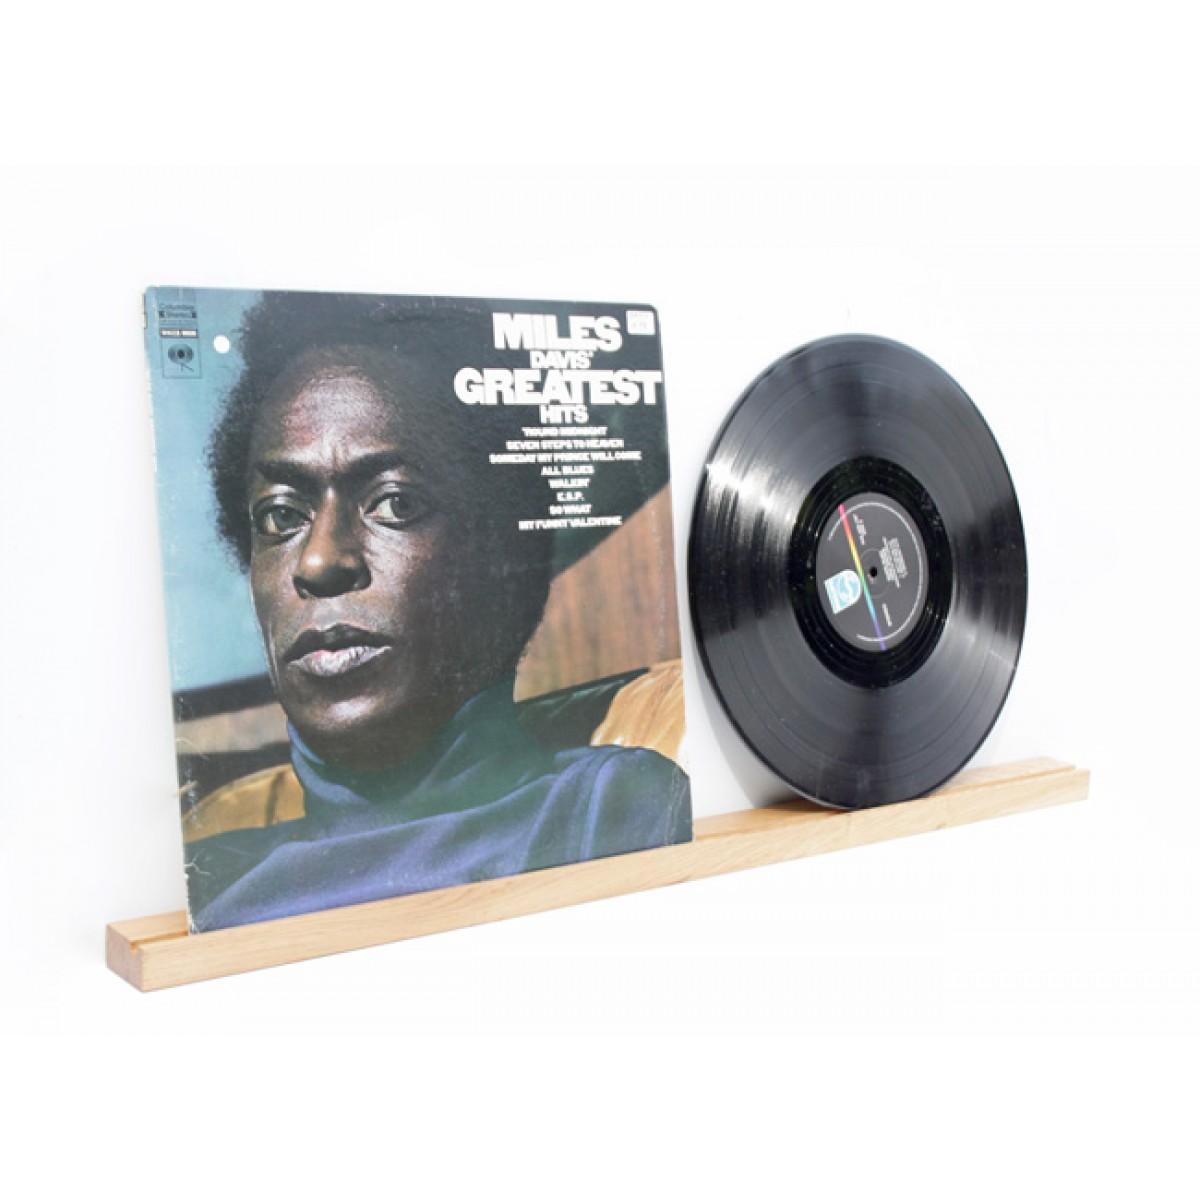 Schallplattencover Regalleiste (für zwei Schallplatten) aus Eiche /